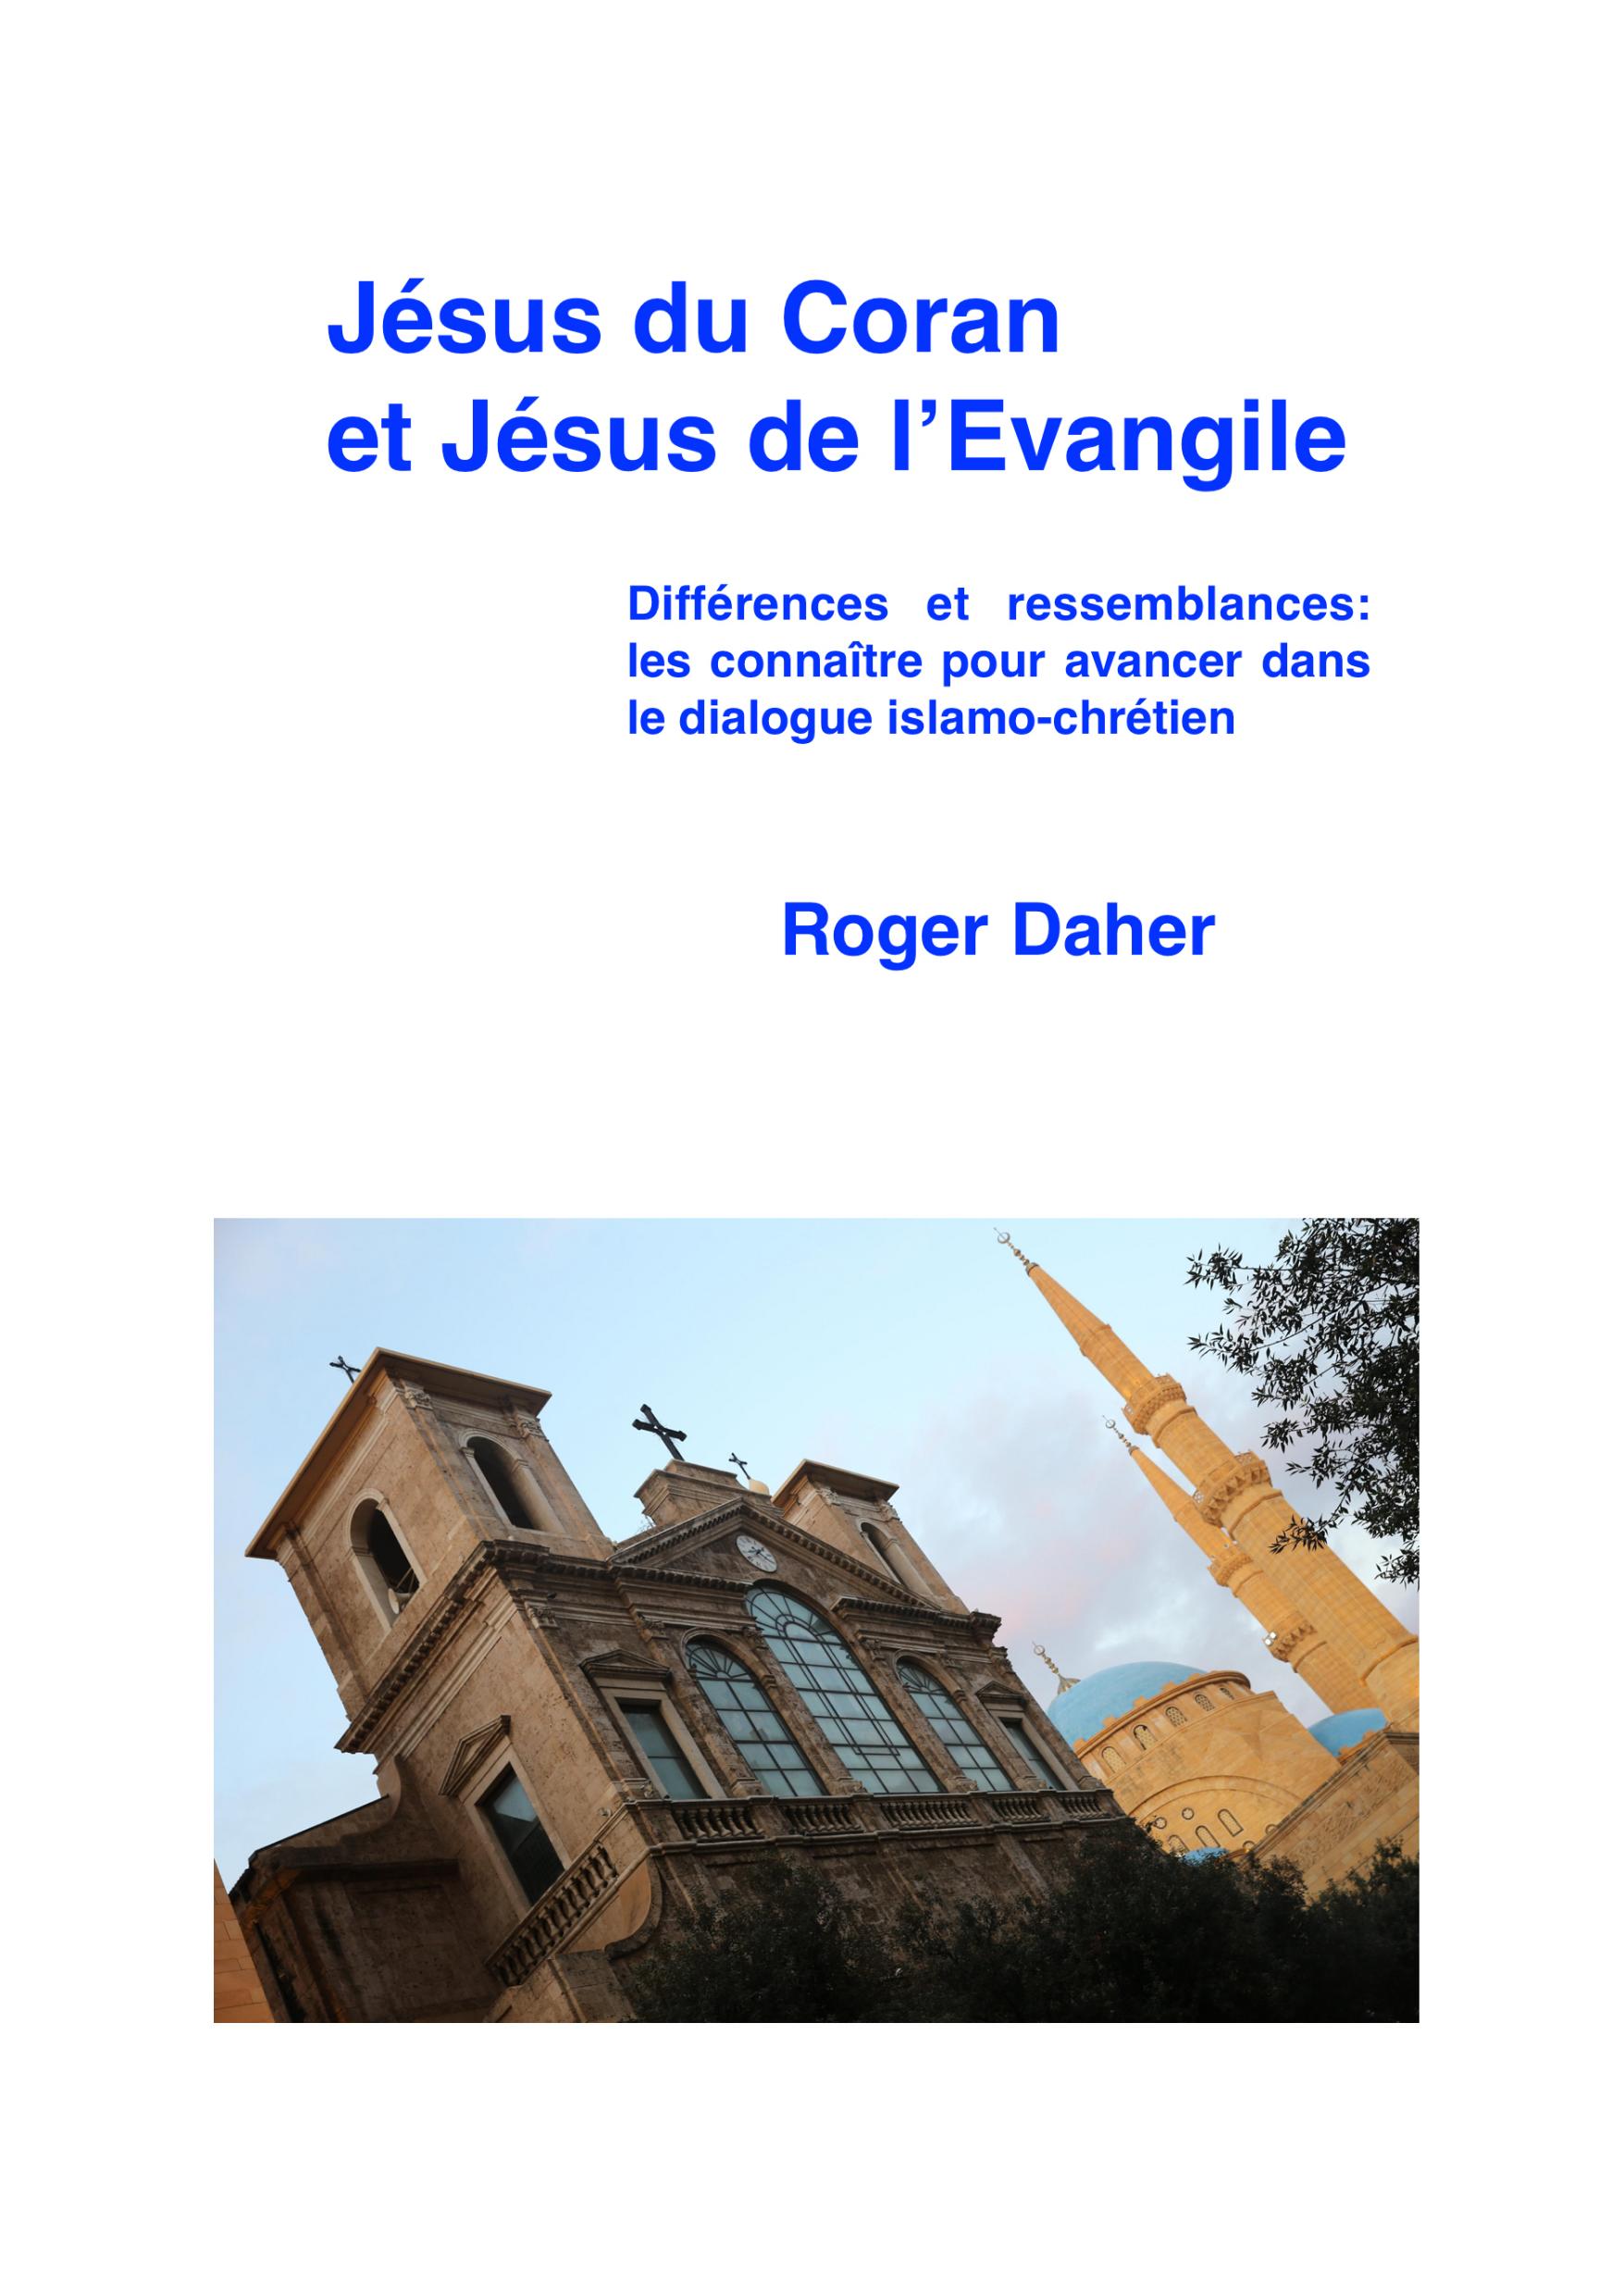 Jésus du Coran et Jésus de l'Evangile